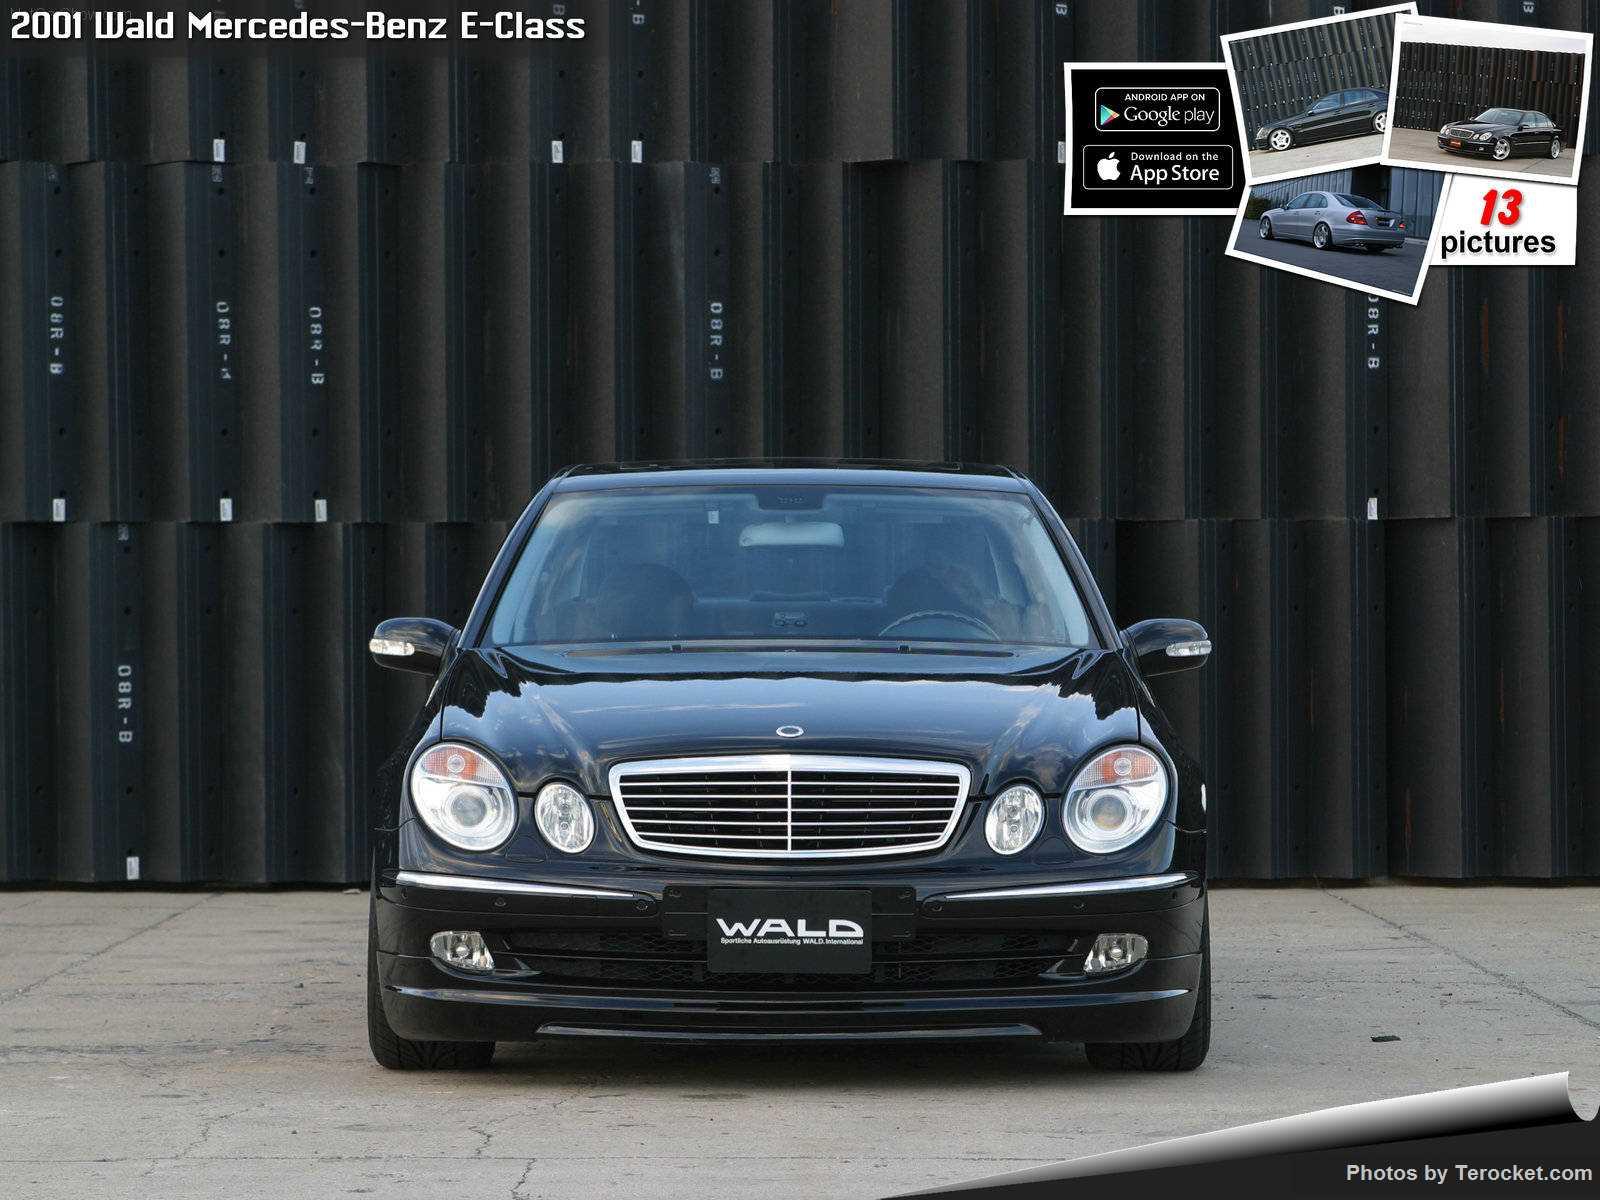 Hình ảnh xe độ Wald Mercedes-Benz E-Class 2001 & nội ngoại thất